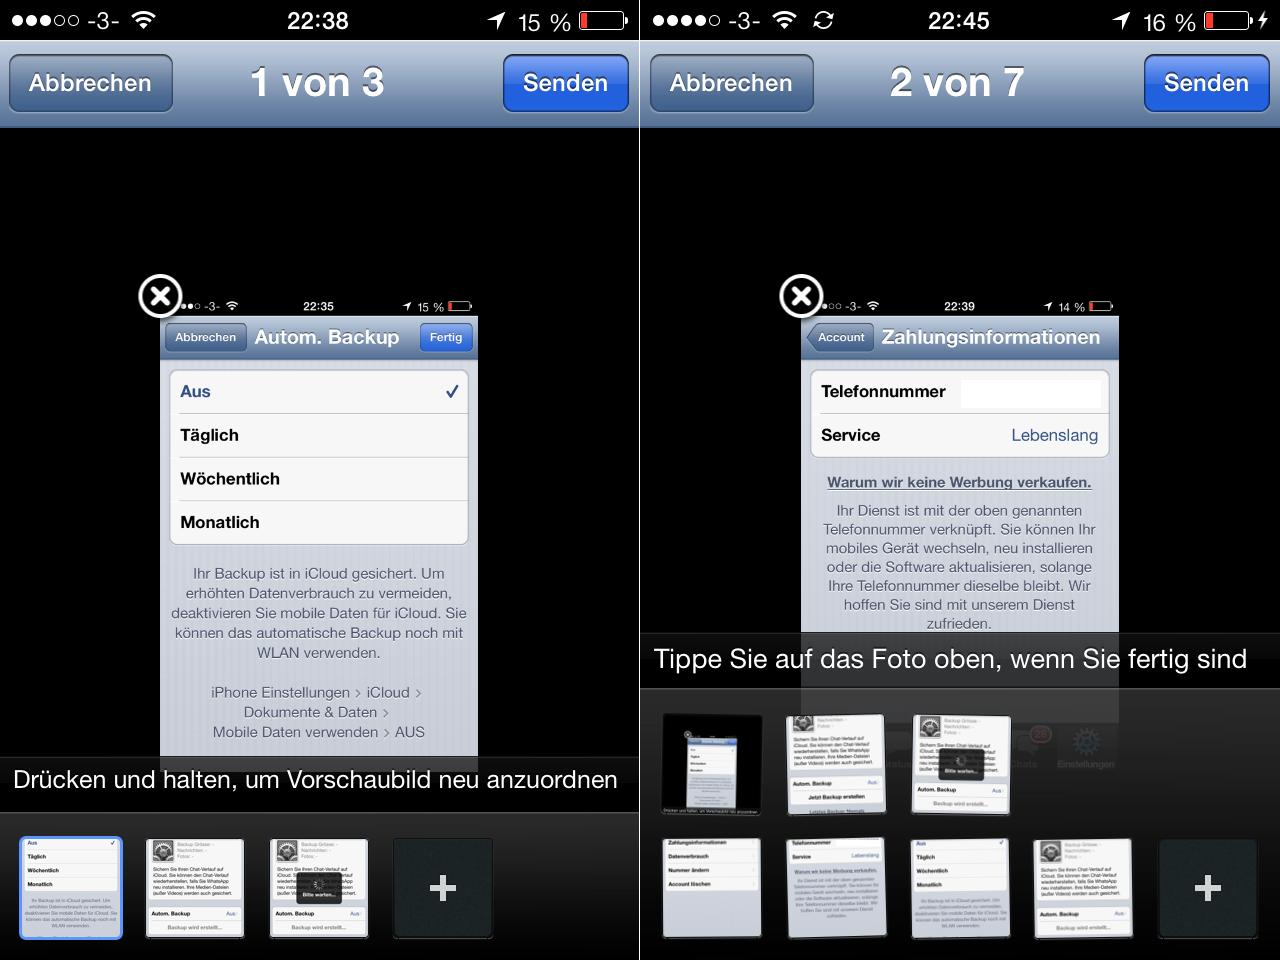 WhatsApp - Mehrere Bilder auswählen - How To - Hack4Life